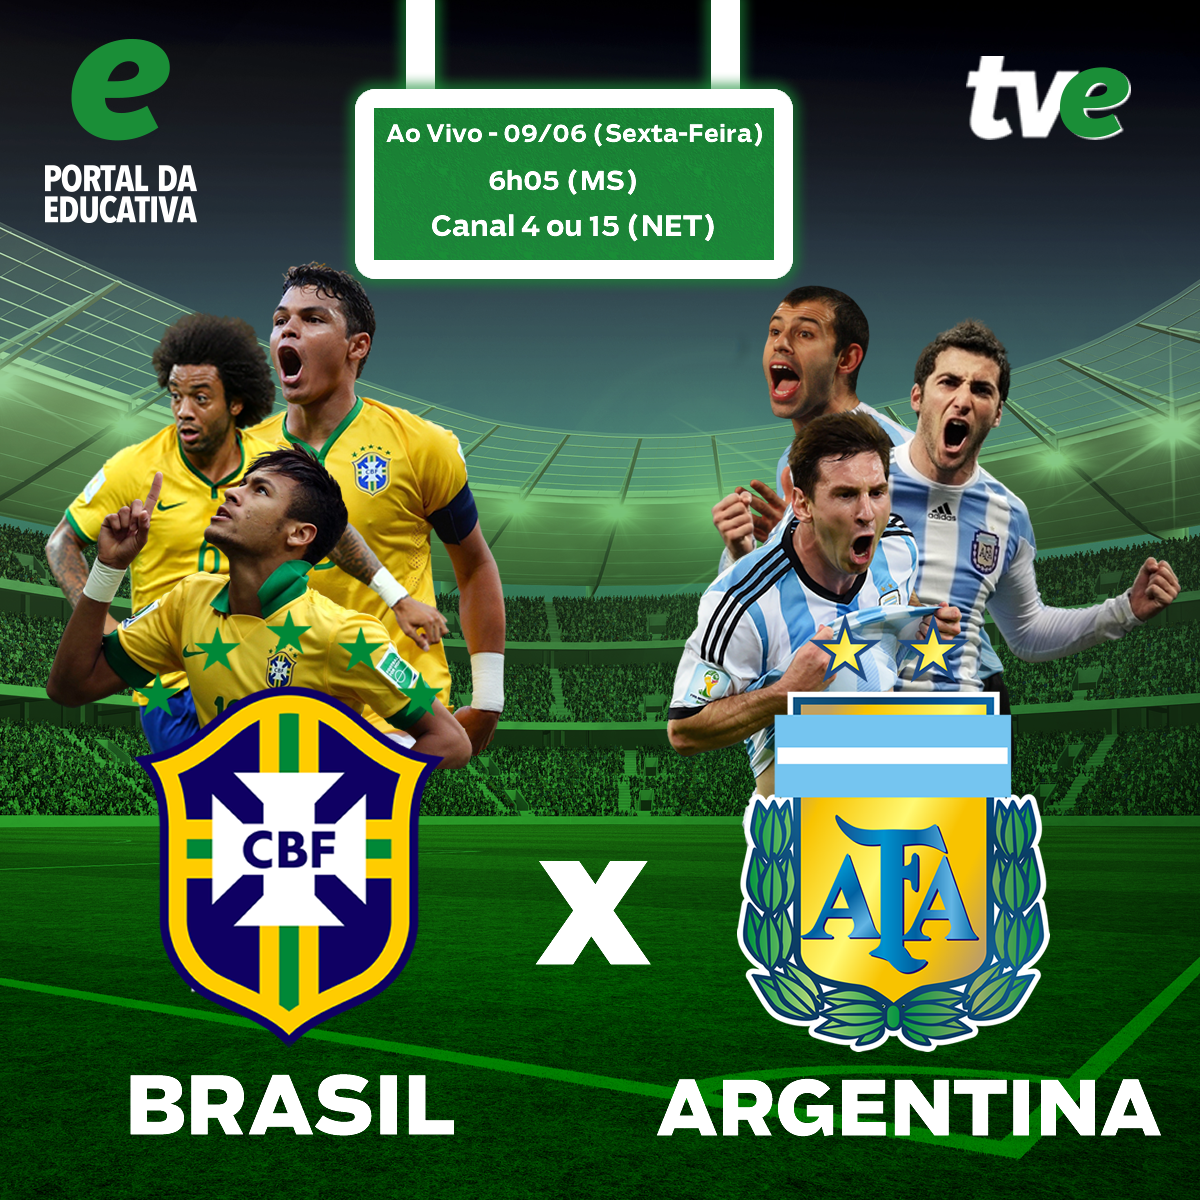 O Portal da Educativa transmitirá ao vivo nesta sexta-feira (9) e na  próxima terça-feira (13) os amistosos da seleção brasileira contra a  Argentina e ... dda5e59bc272f